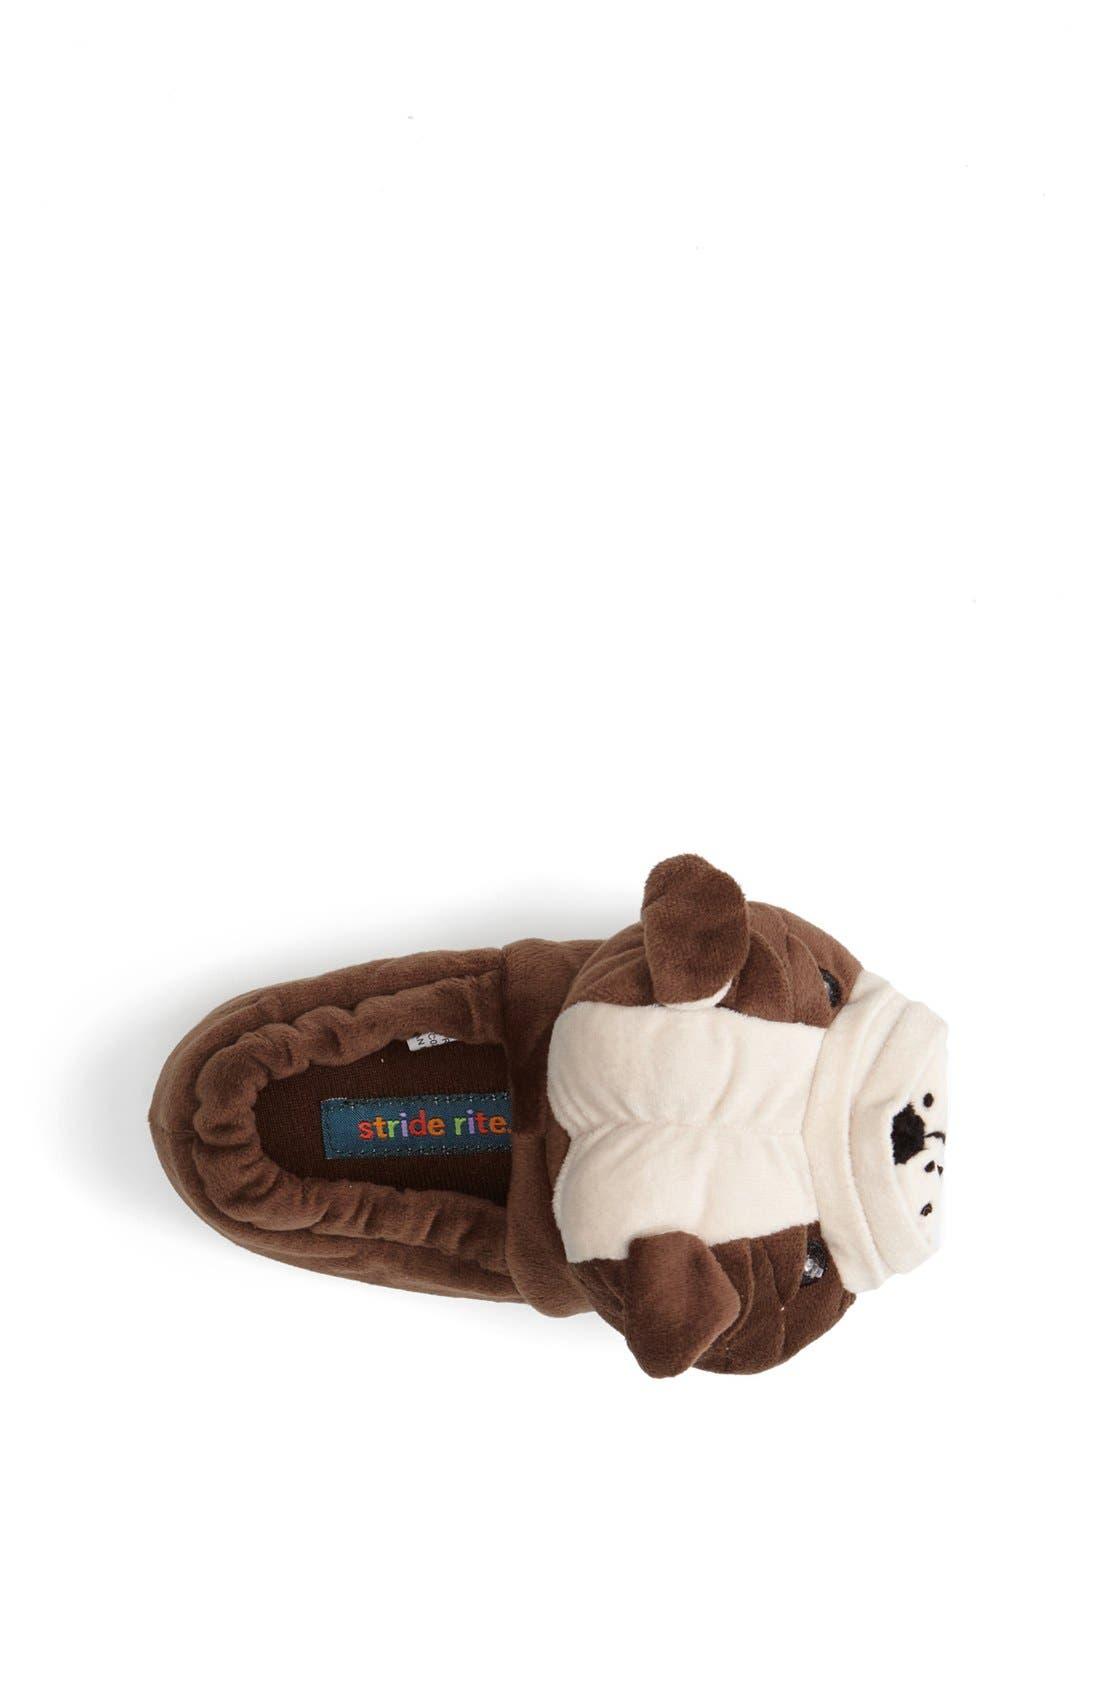 Alternate Image 3  - Stride Rite 'Curtis the Bulldog' Light Up Slippers (Toddler & Little Kid)